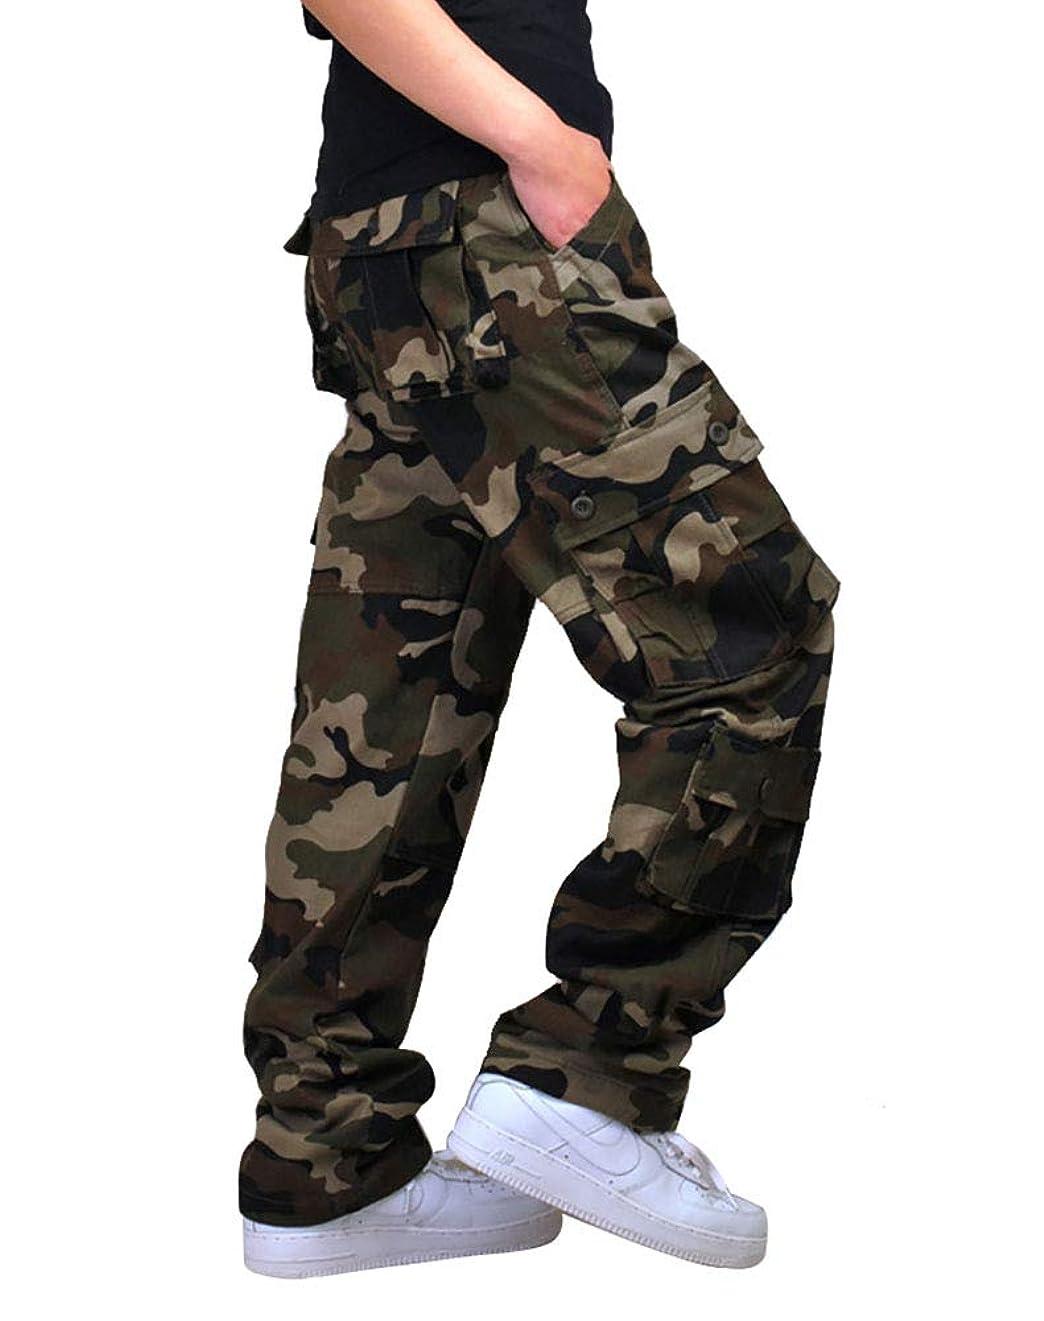 (フィッシュスカイ)FISHSKY メンズ 作業ズボン 作業服 カーゴパンツ ワークパンツ 多機能 ロングパンツ ストレート 大きいサイズ 綿100%